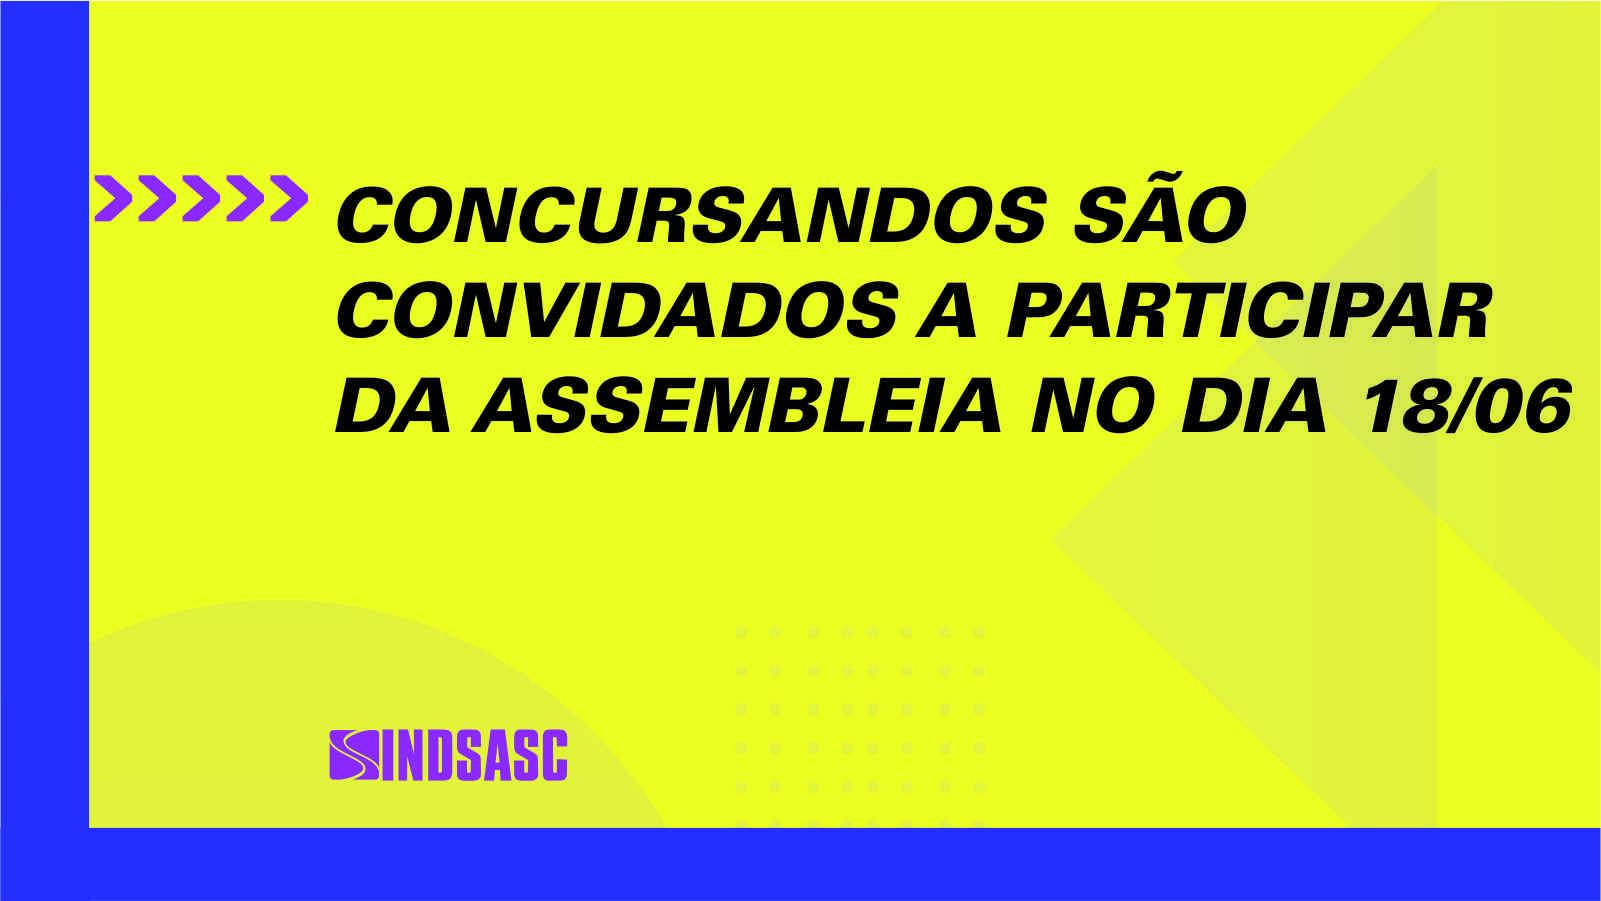 CONCURSANDOS SÃO CONVIDADOS A PARTICIPAR DA ASSEMBLEIA NO DIA 18/06